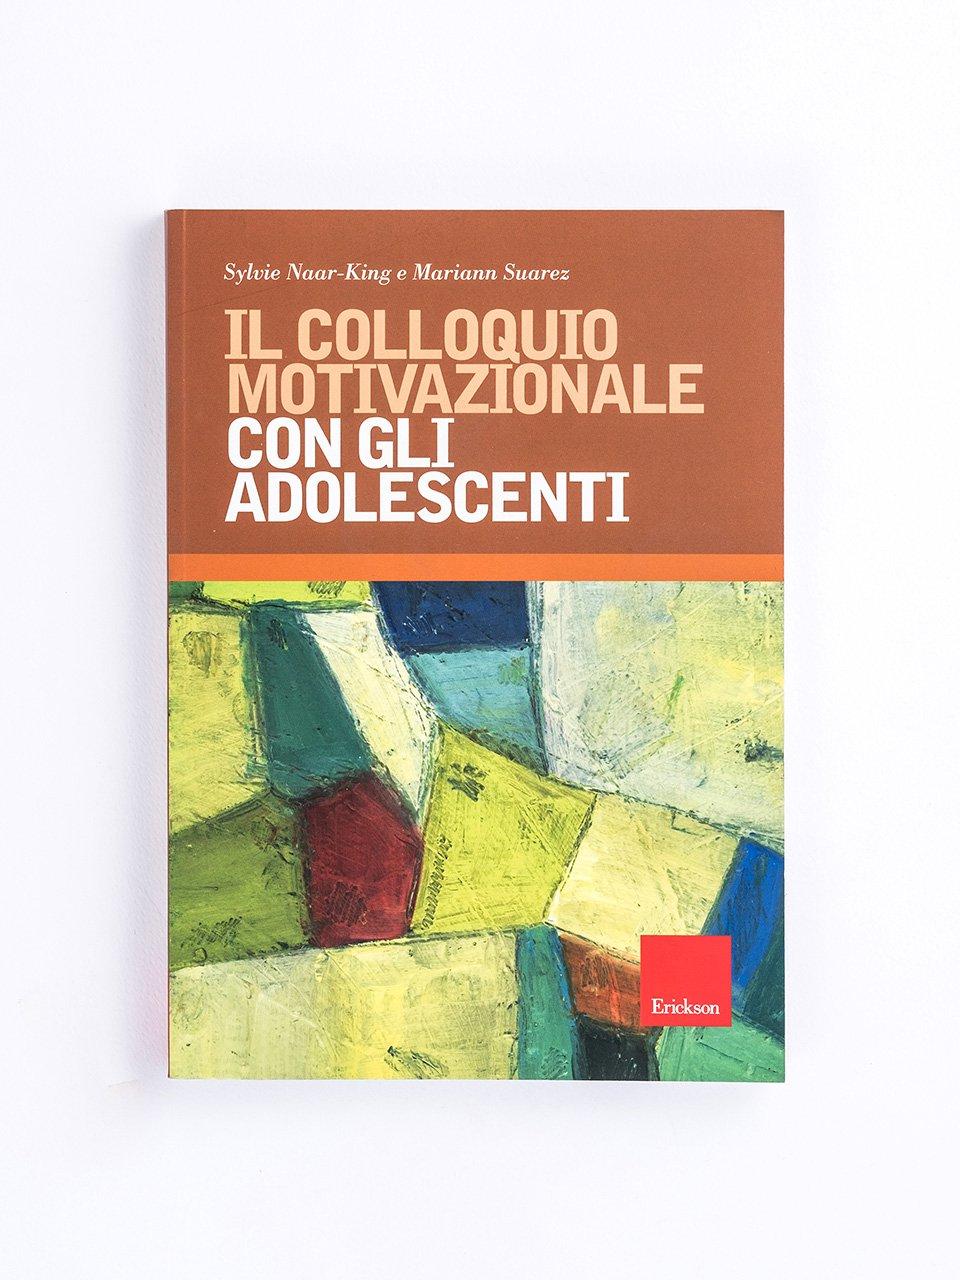 Il Colloquio Motivazionale con gli adolescenti - Un mondo possibile - Libri - Erickson